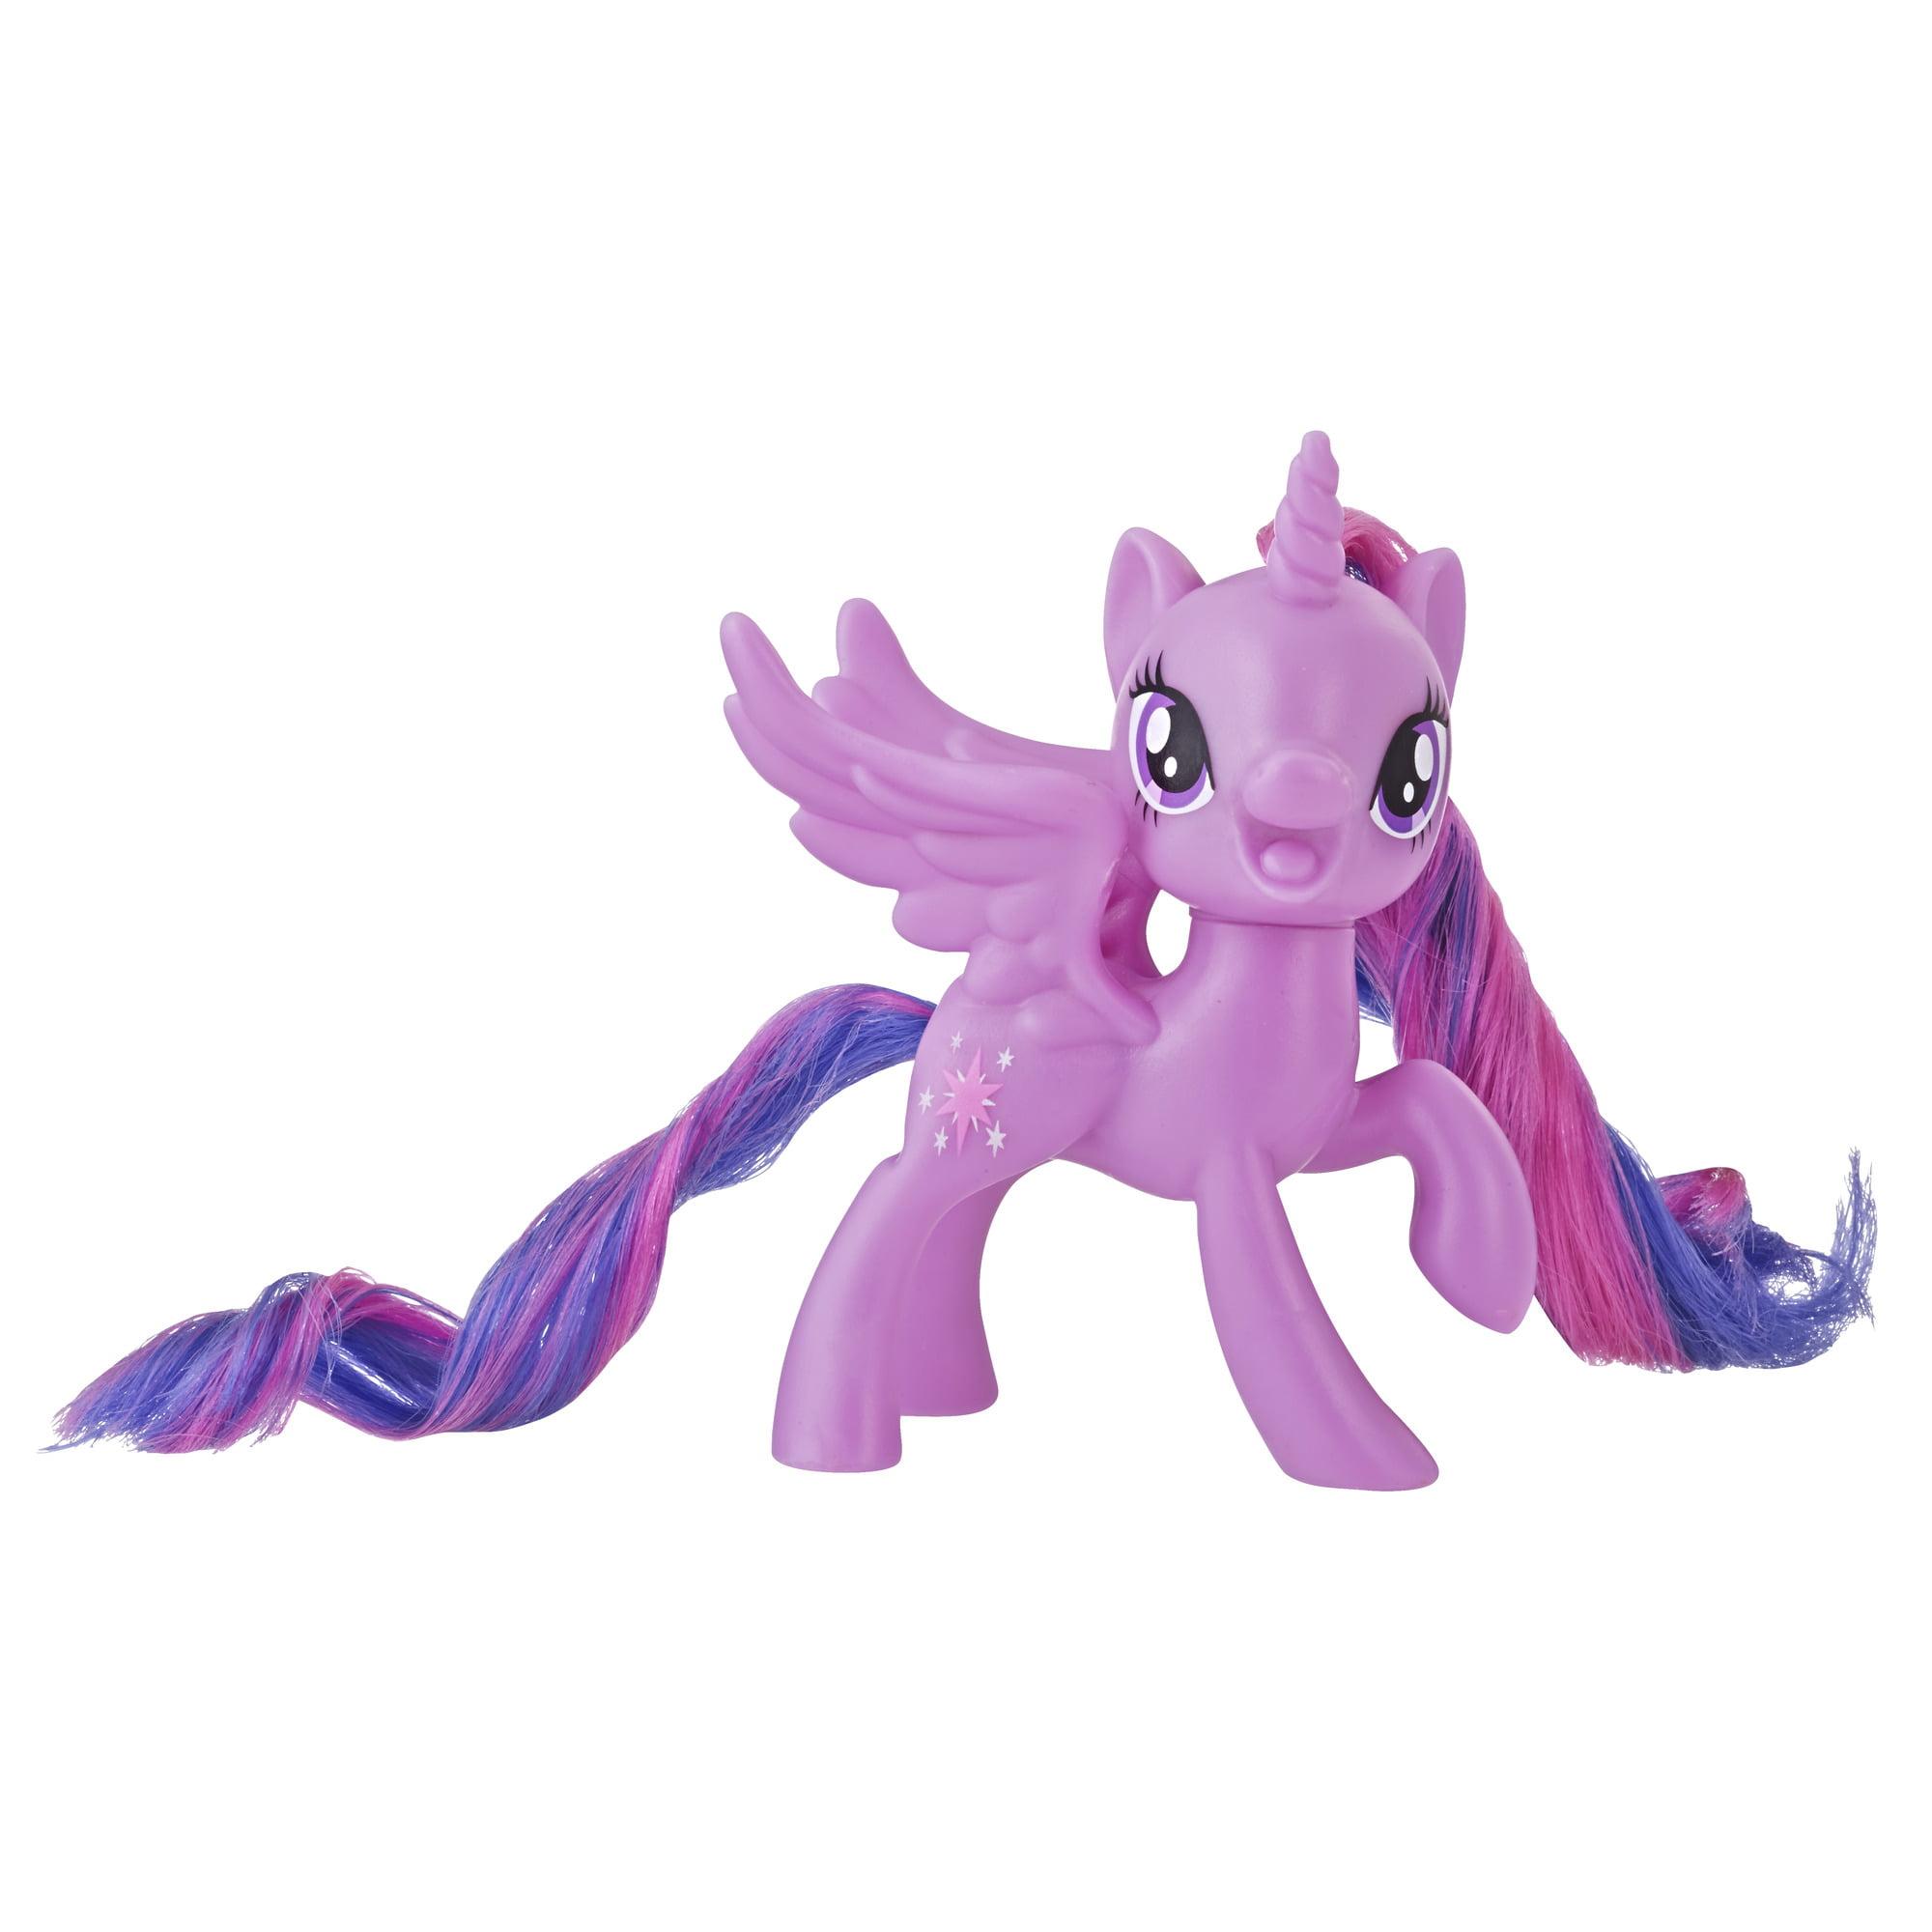 - My Little Pony Mane Pony Twilight Sparkle Classic Figure - Walmart